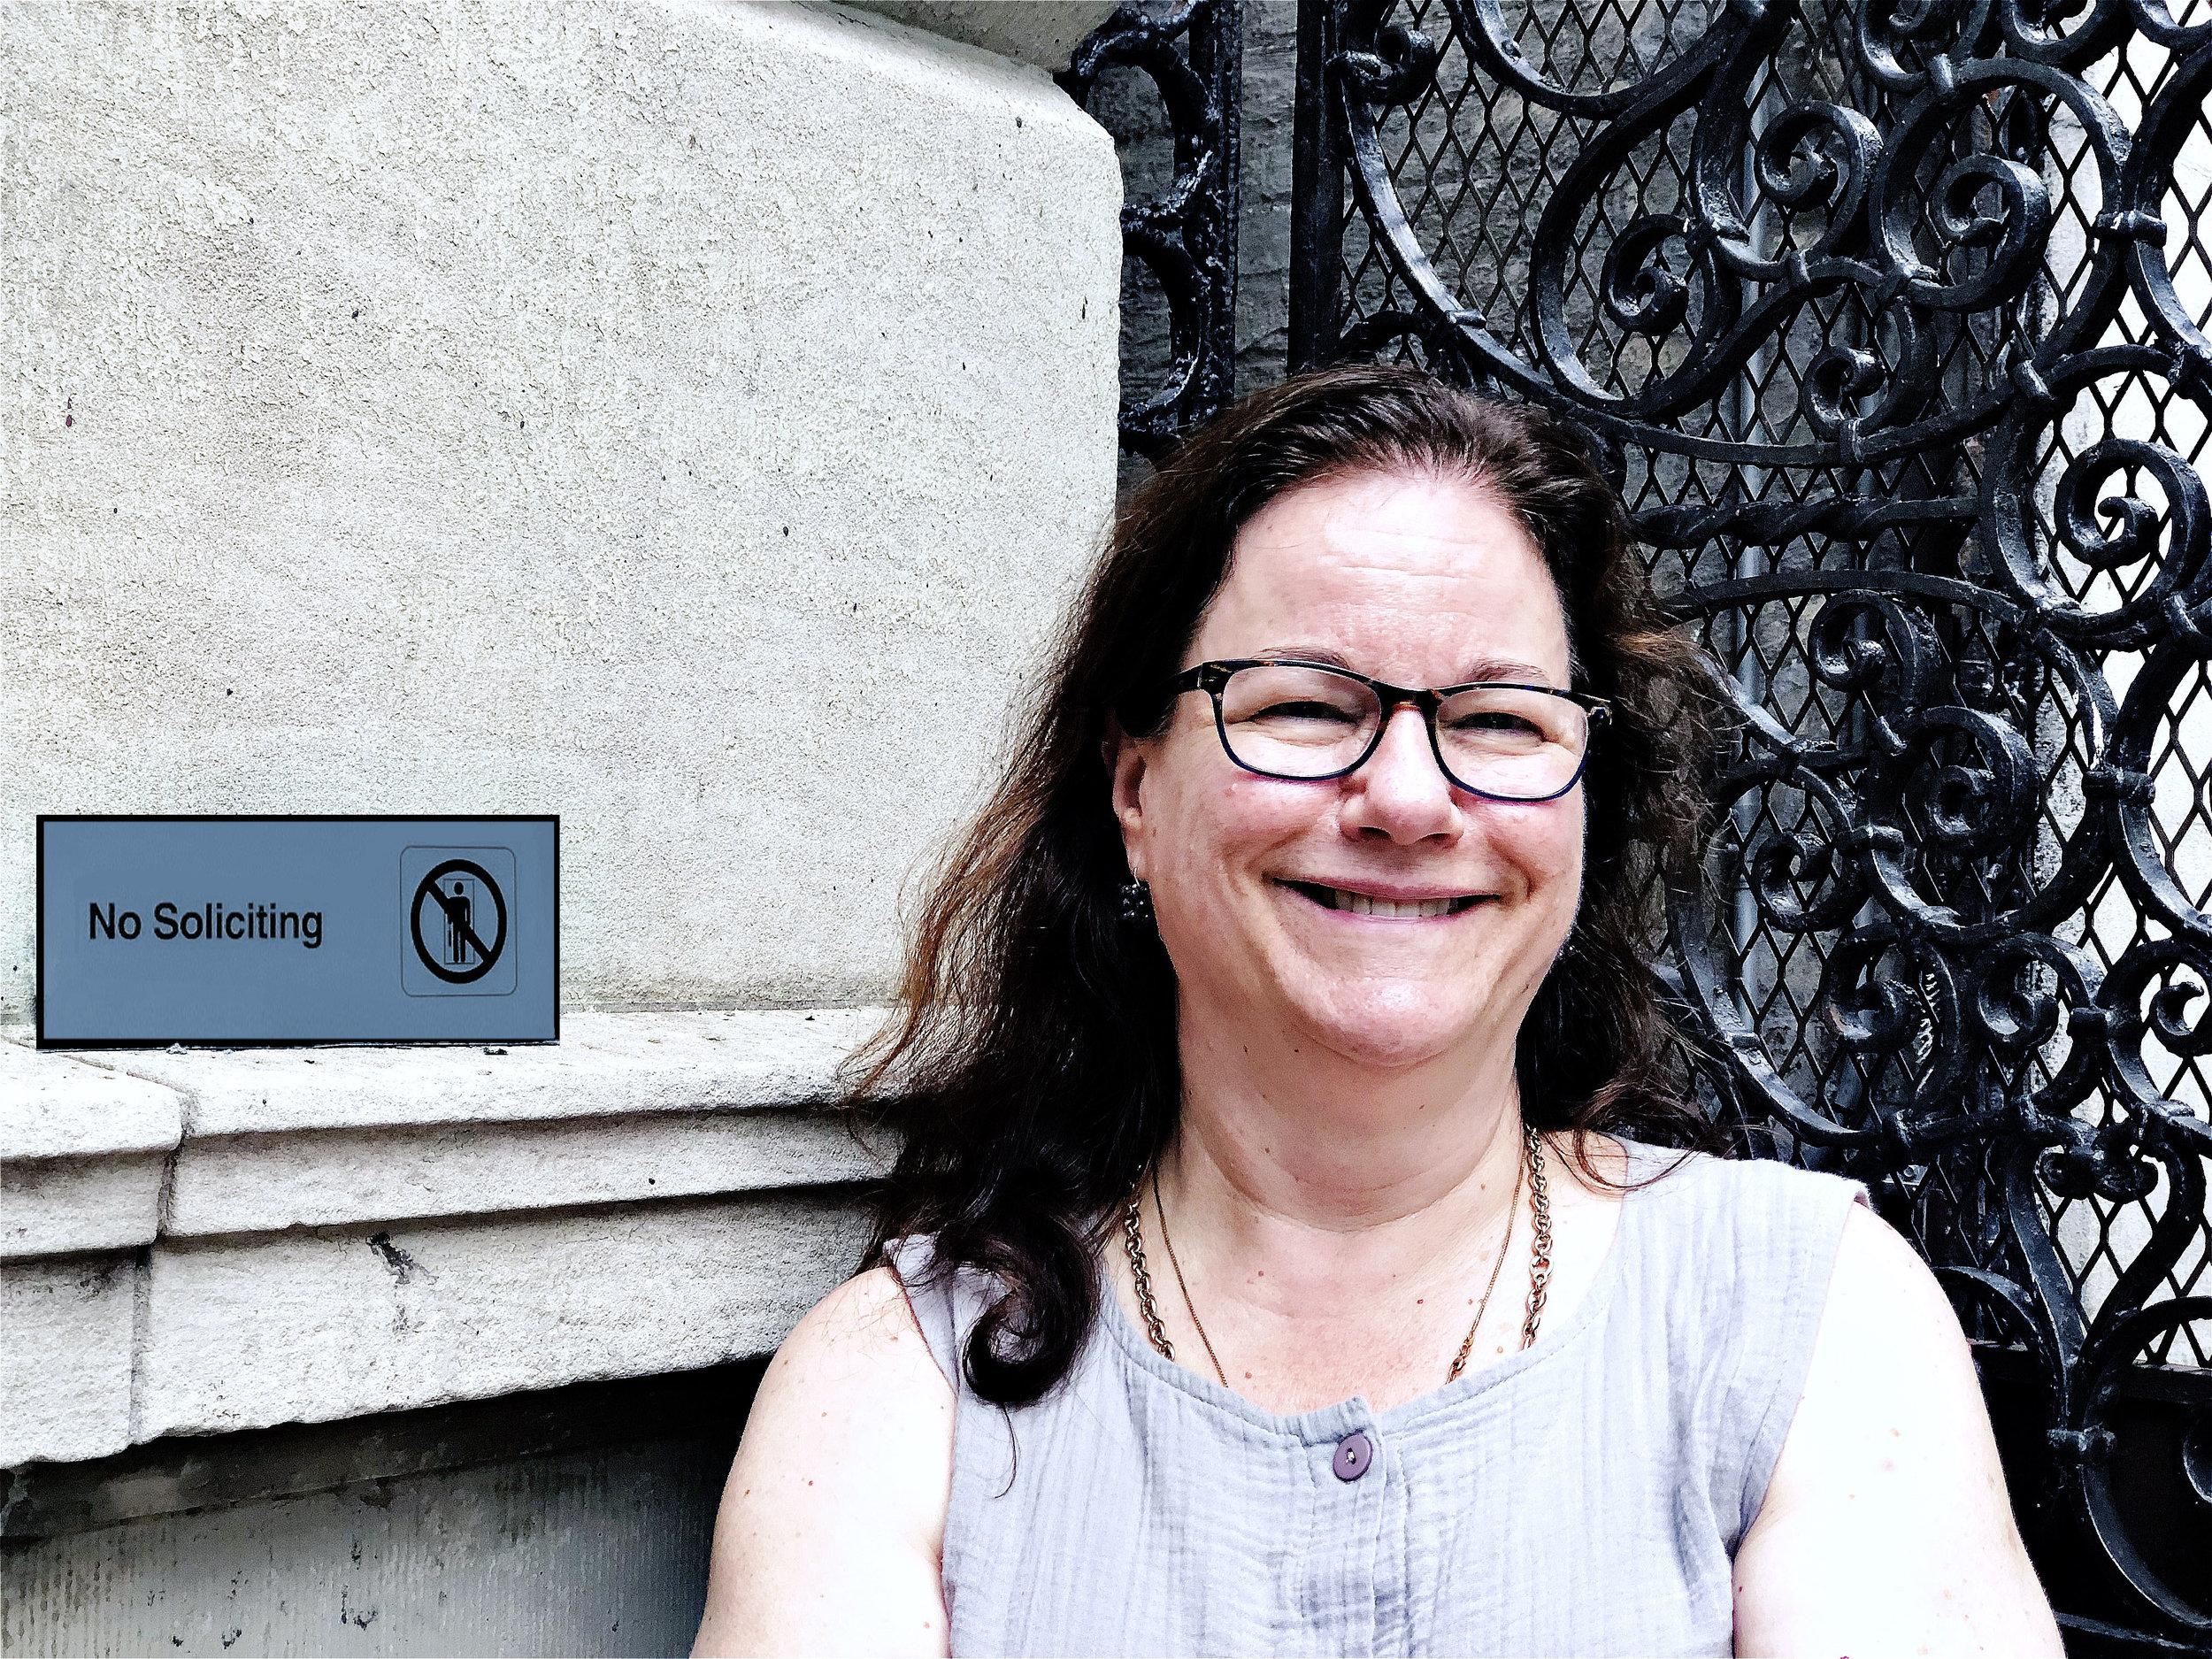 Suzy Frisch, Madison, CT, August 2019